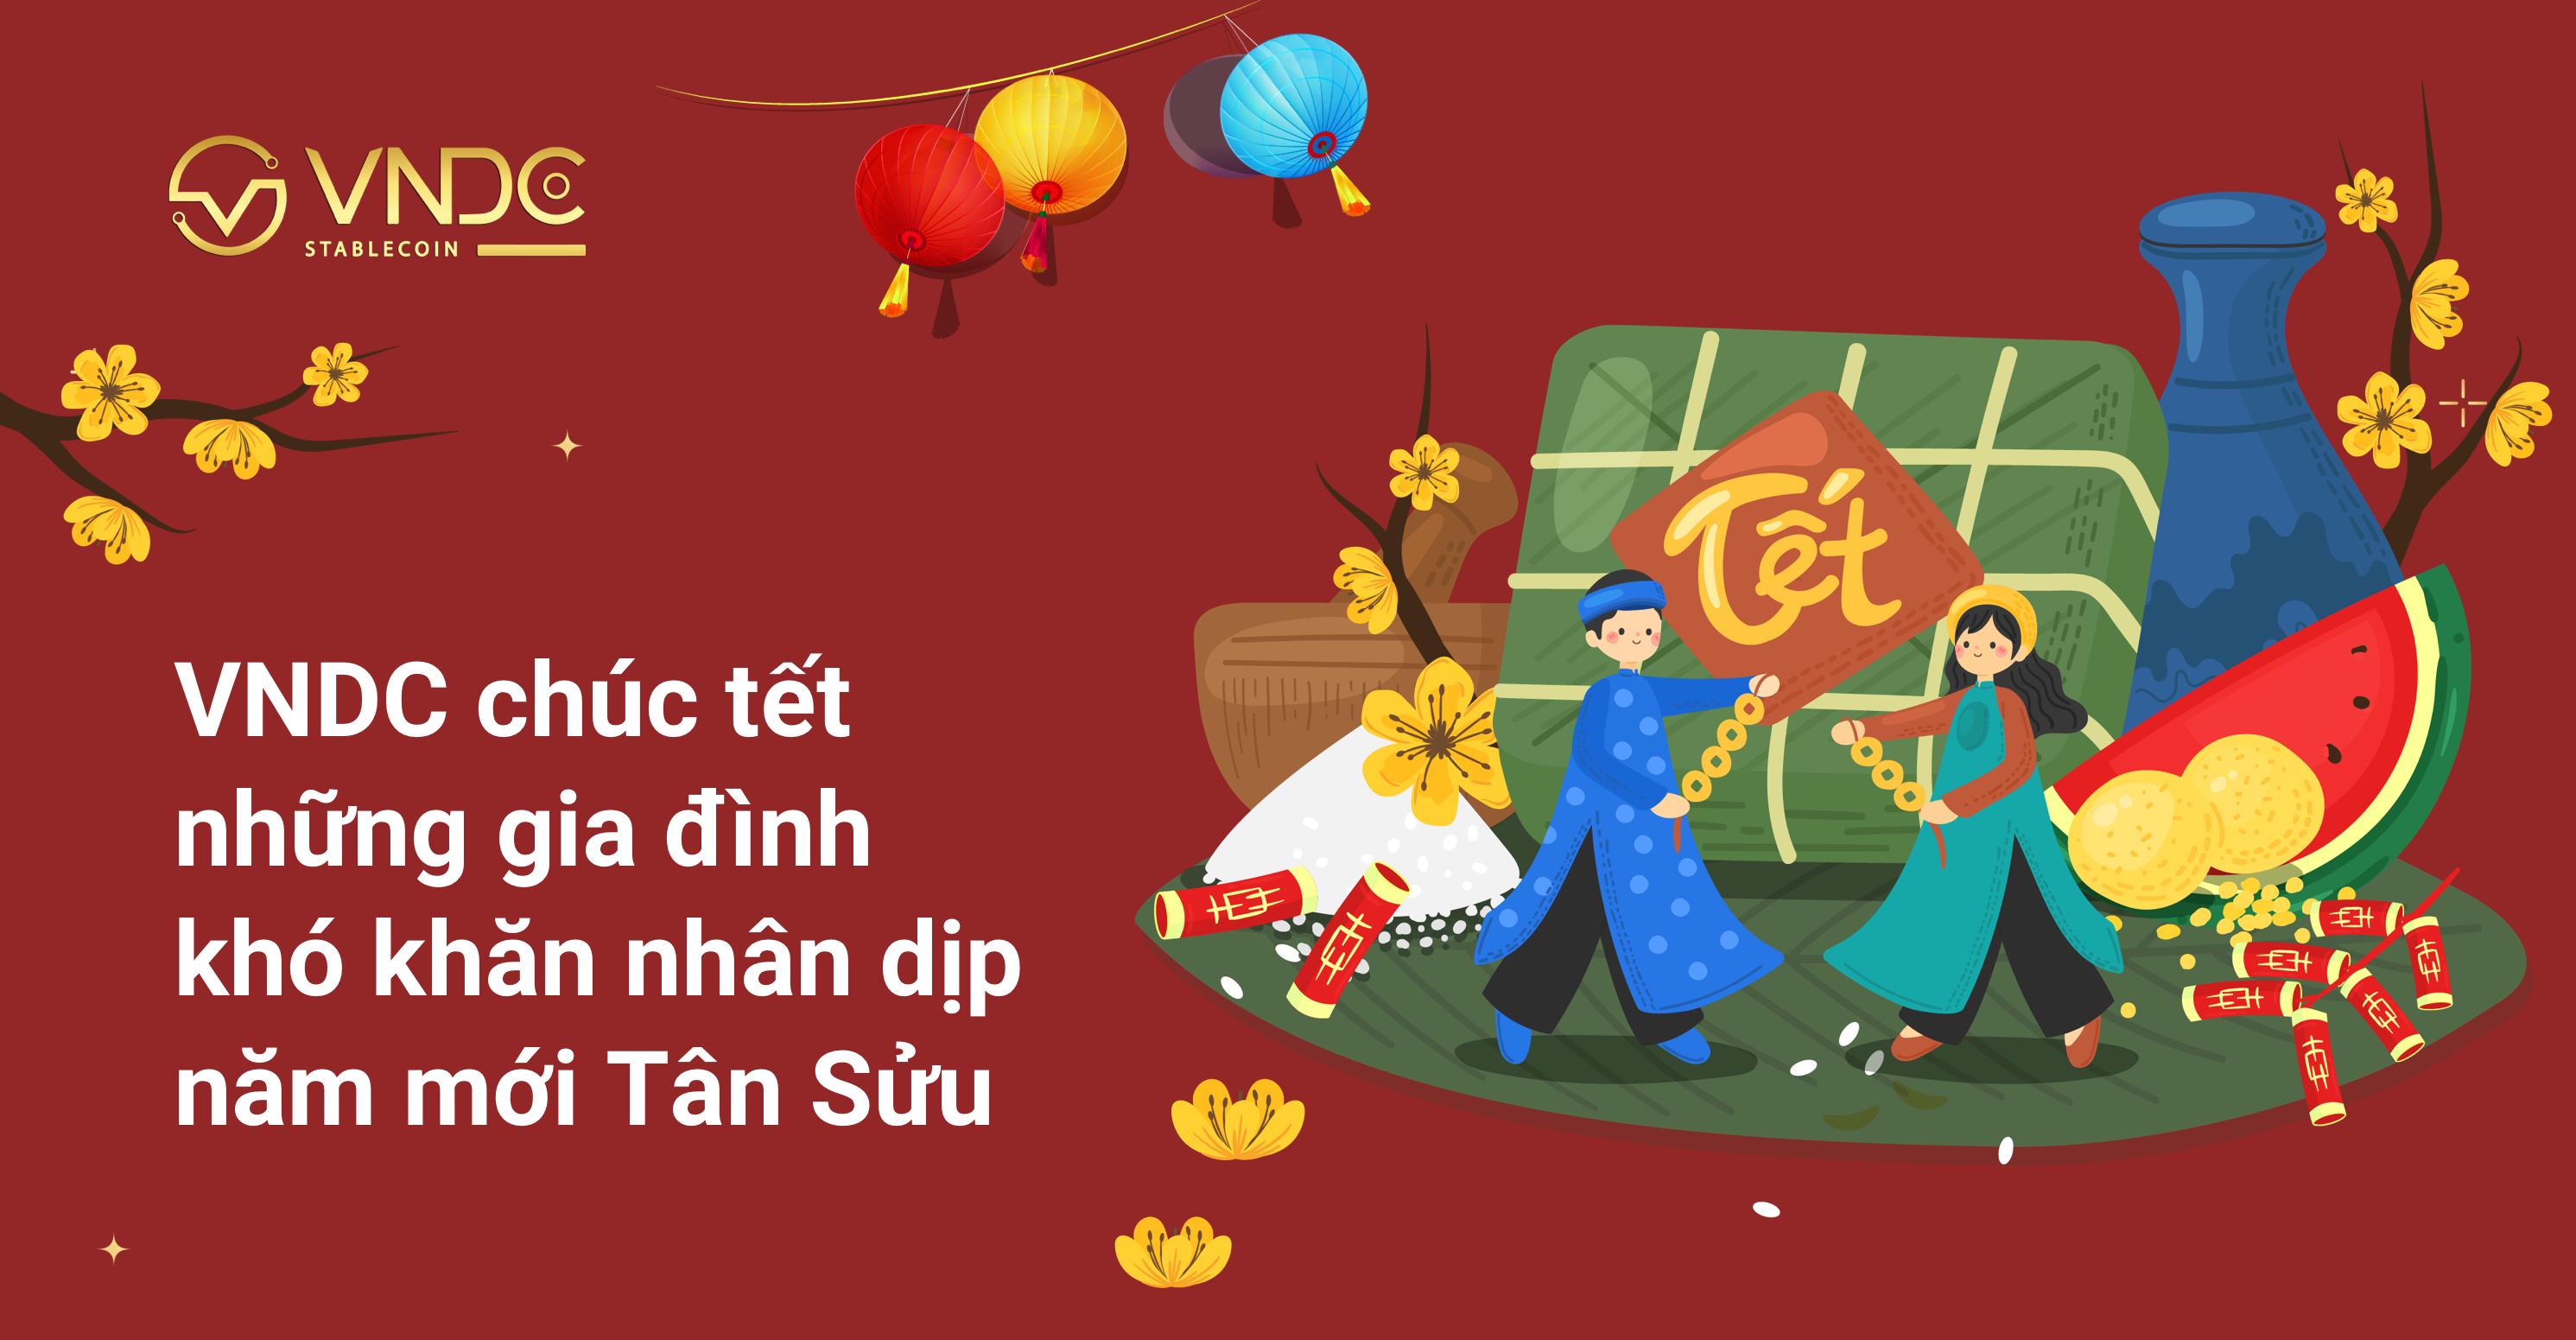 VNDC chúc tết những gia đình khó khăn nhân dịp năm mới Tân Sửu